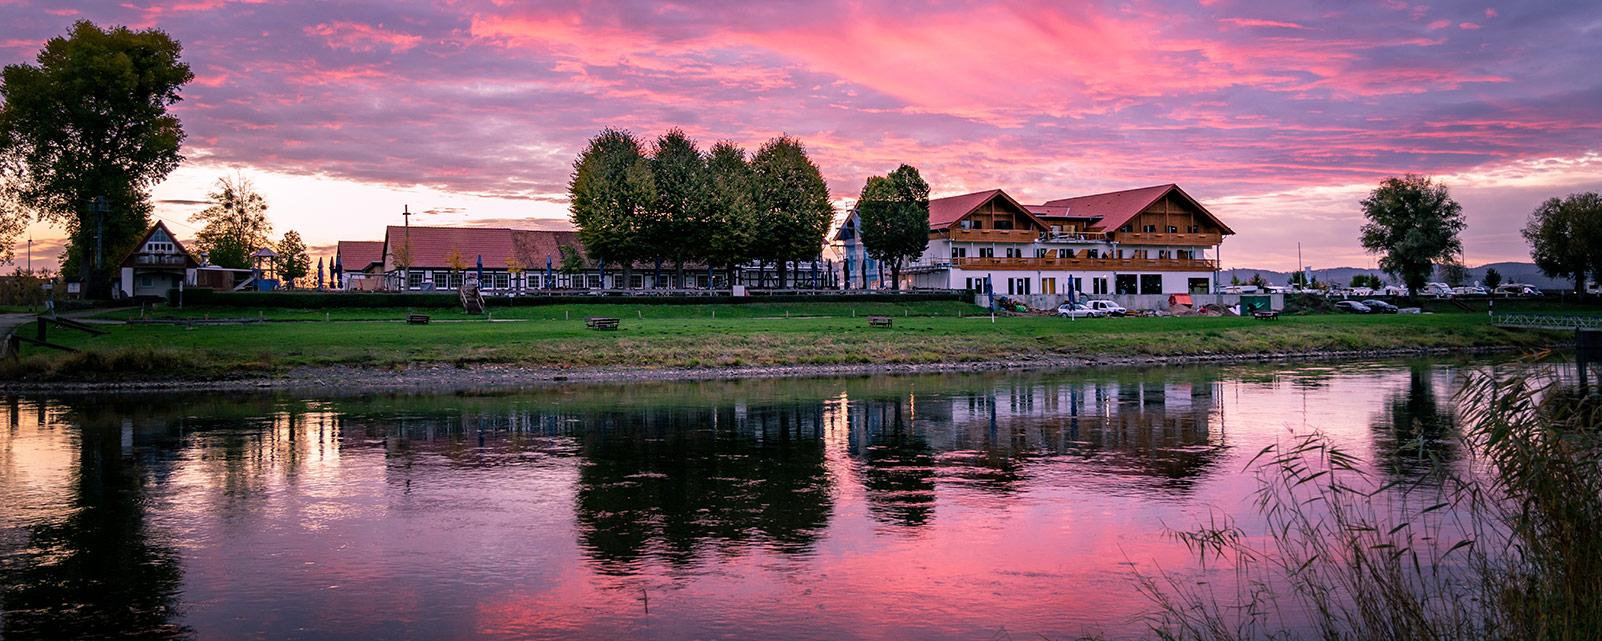 Hochzeitslocation mit Saal und Hotel bei Hameln an der Weser (Grohnder Fährhaus)